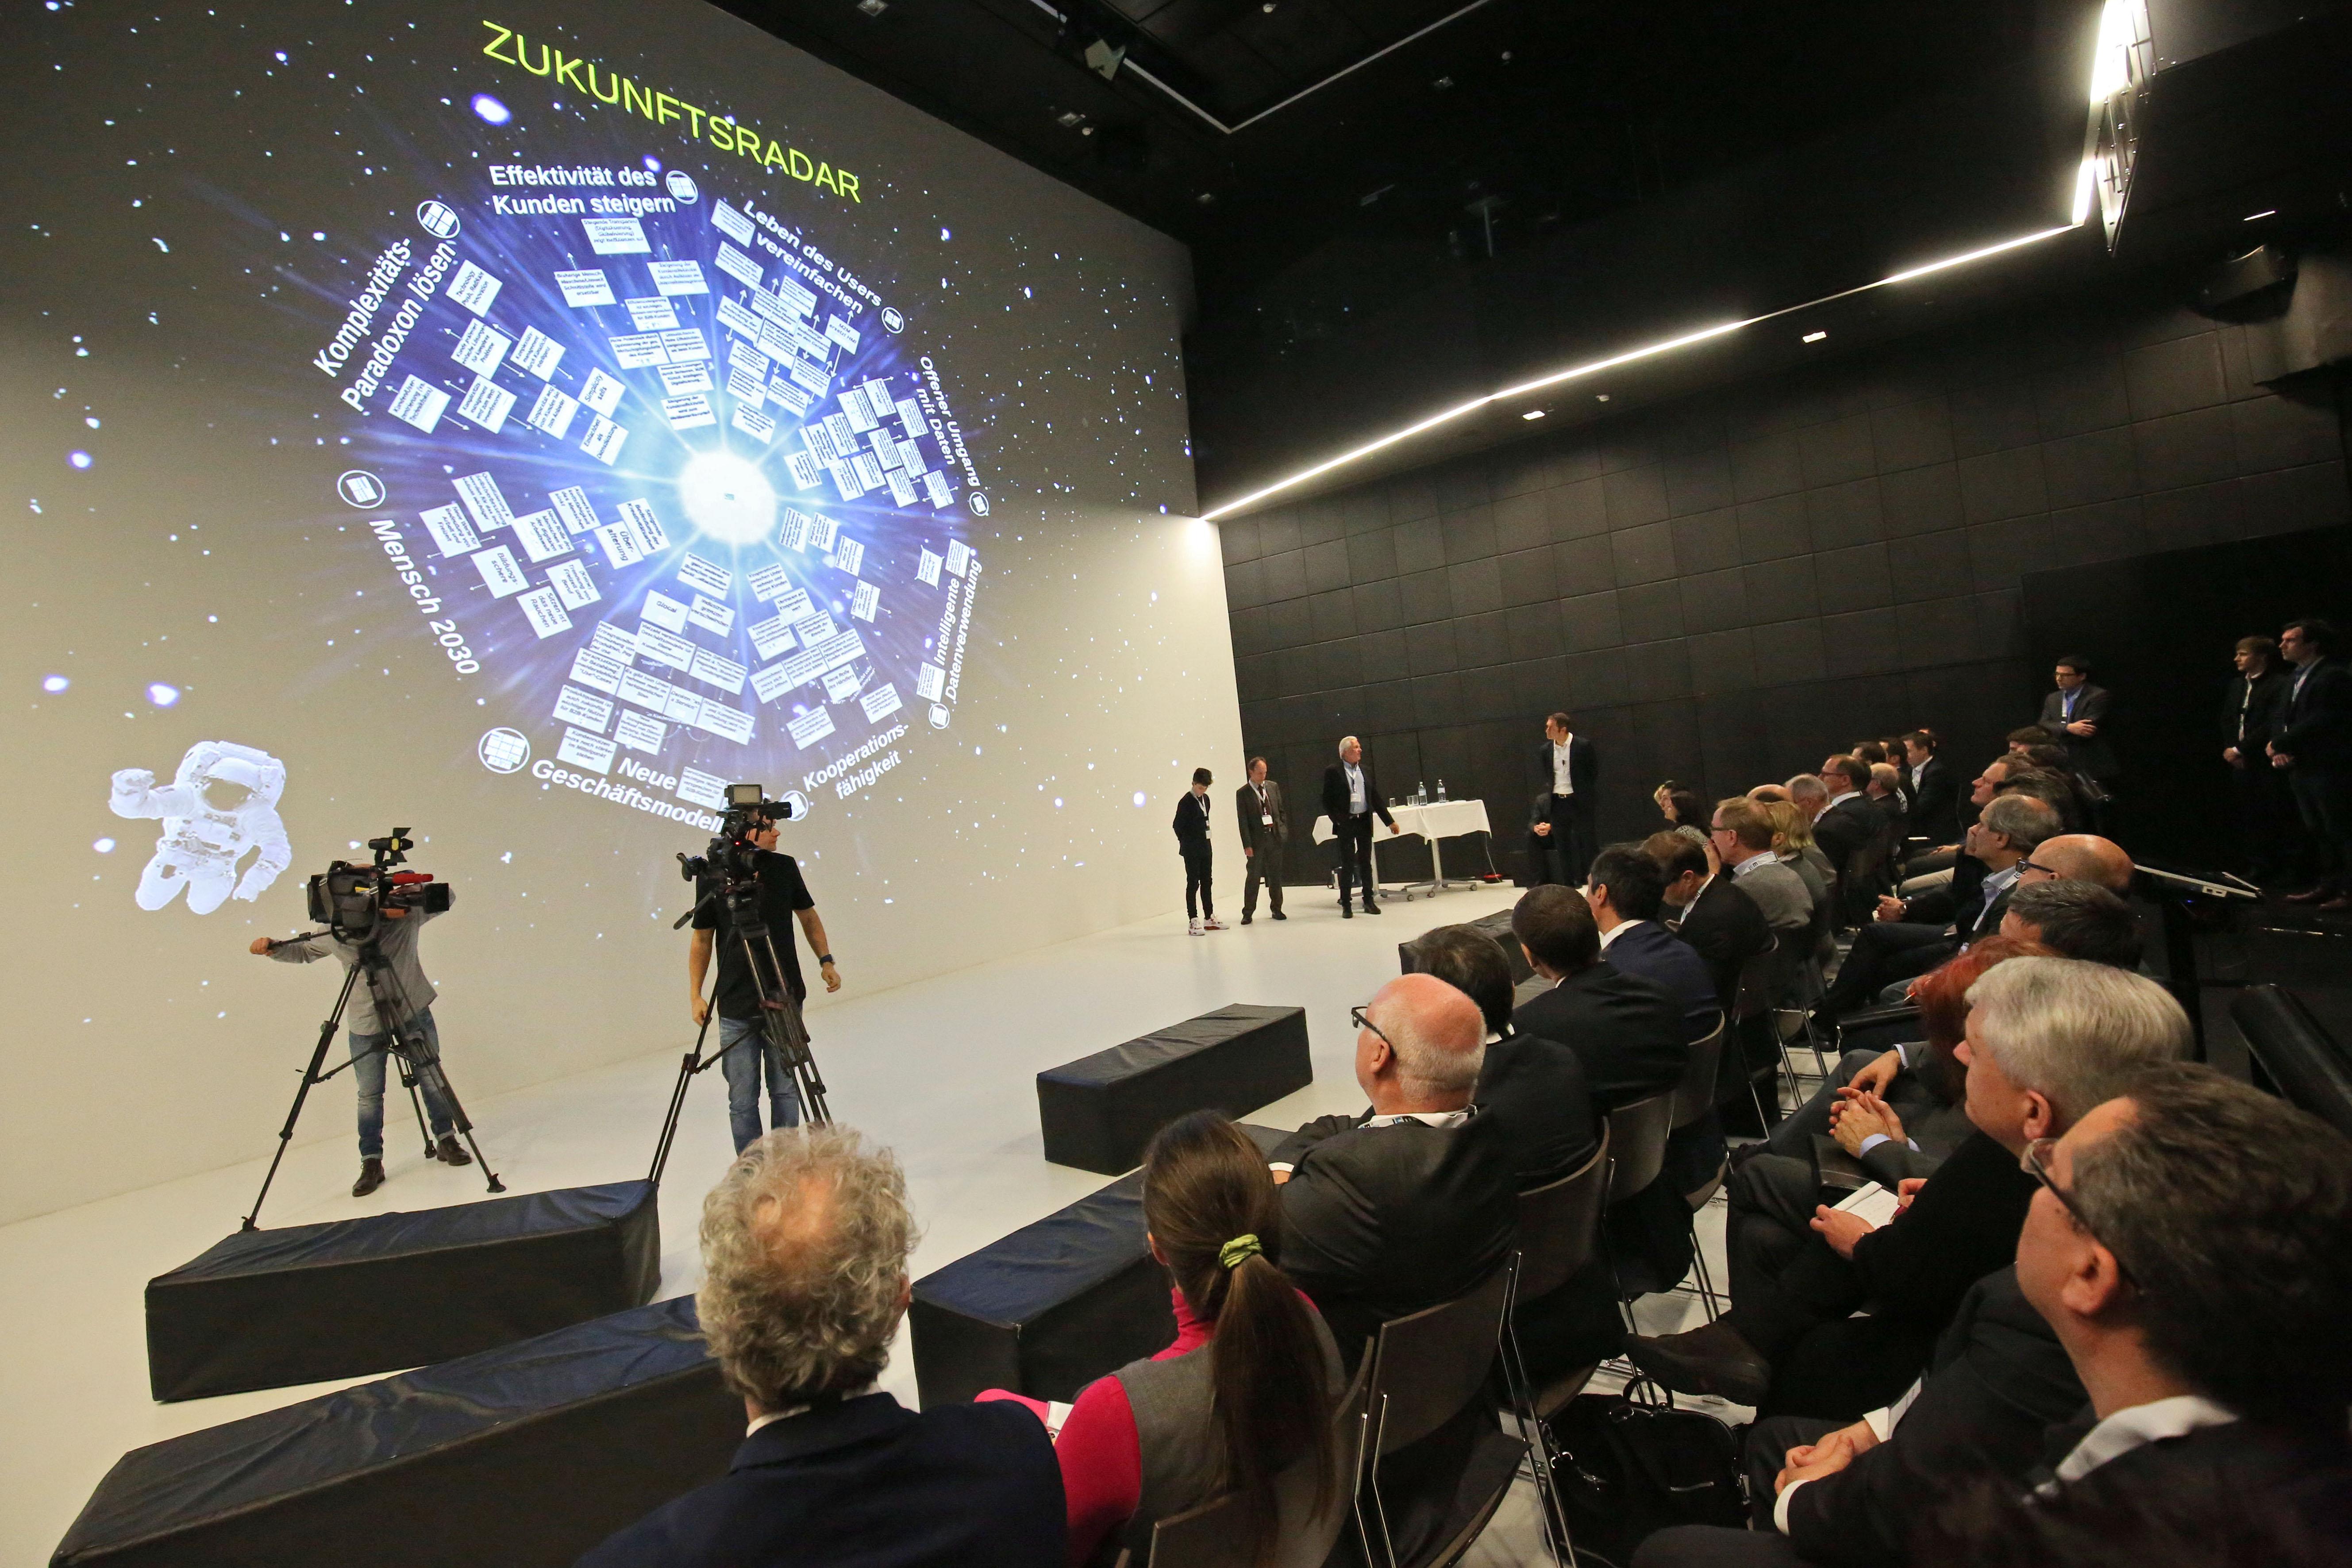 Das Zeitalter der Schwarmintelligenz | LCM-Zukunftsstudie entwirft Geschäftsmodelle des Jahres 2030